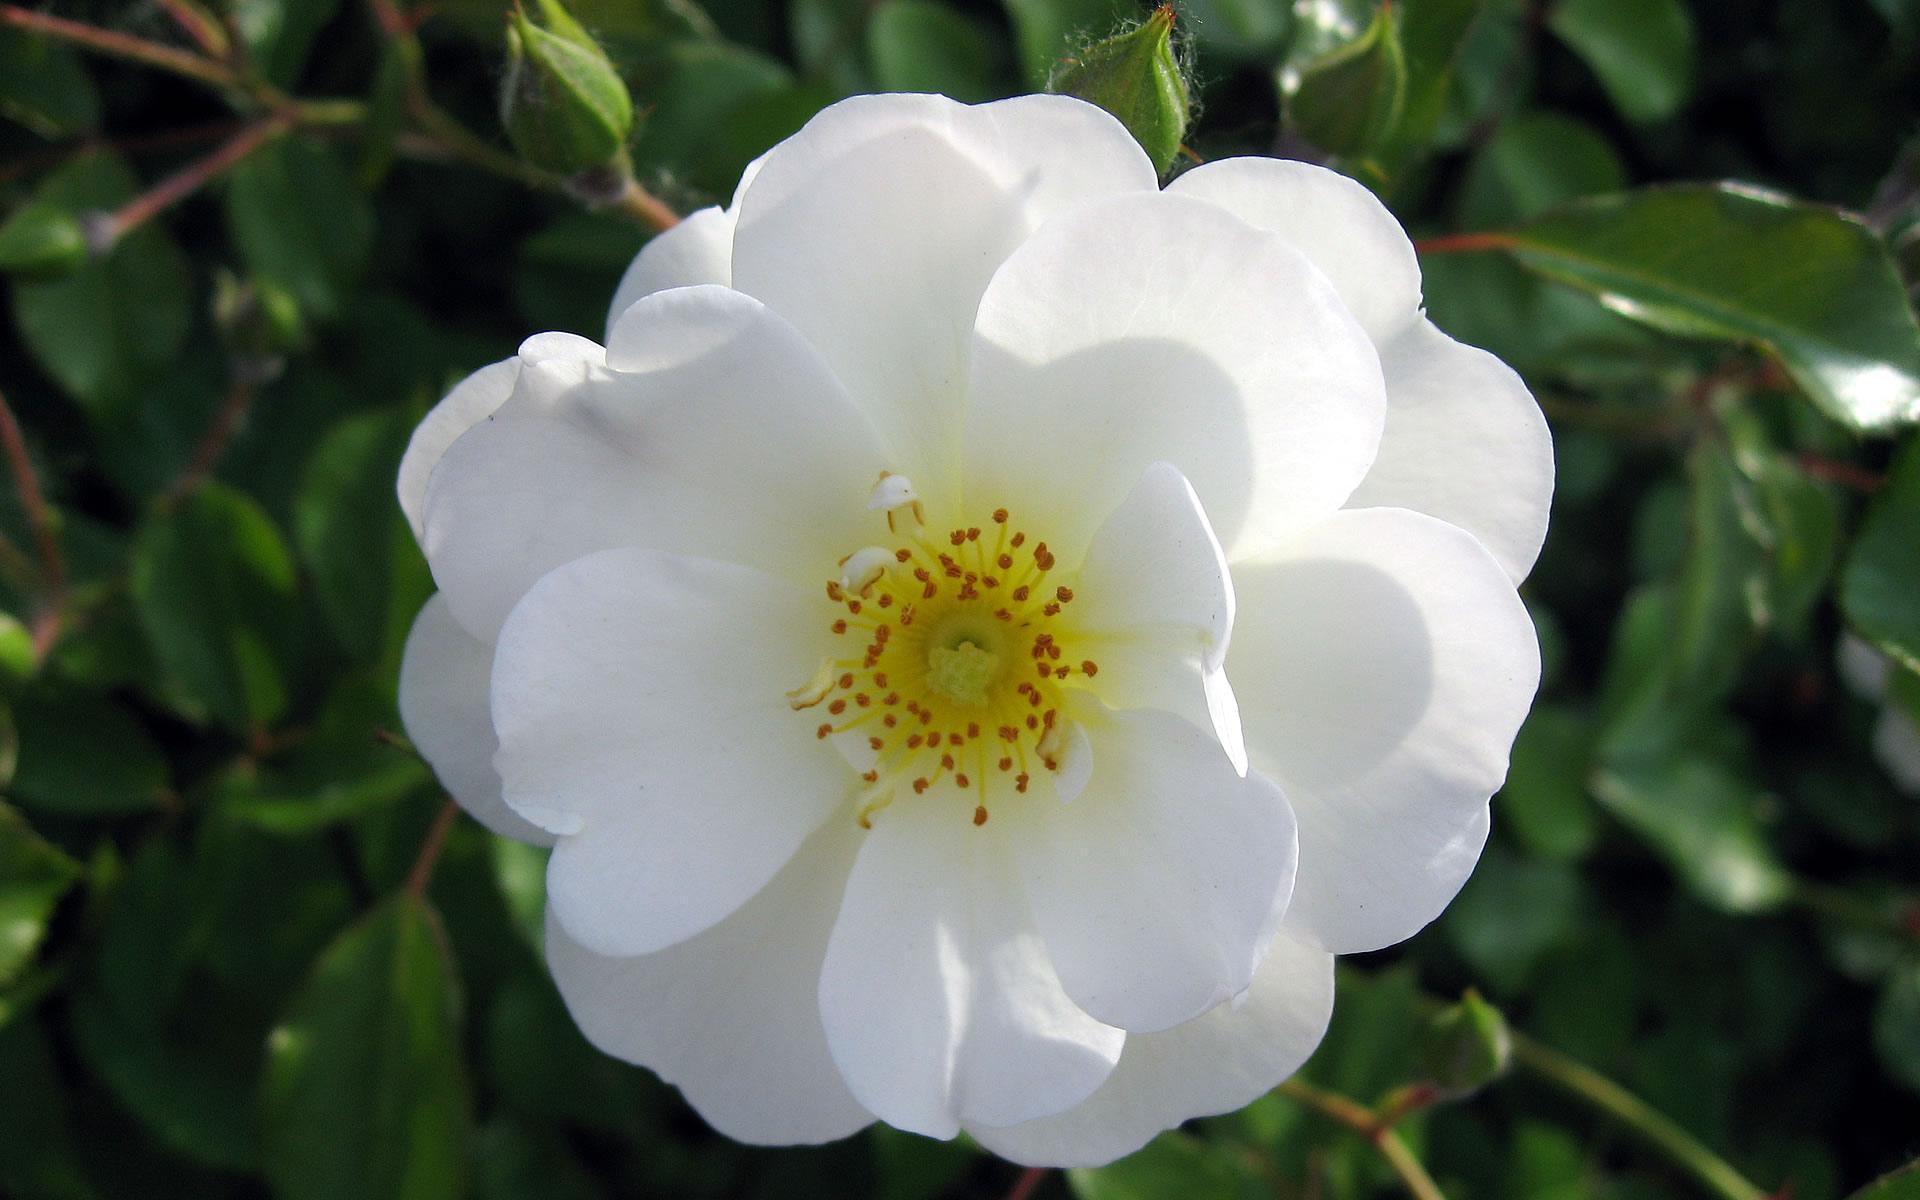 بالصور صور اجمل ورد , صور وقت تزهير الورد رائعة 3224 13